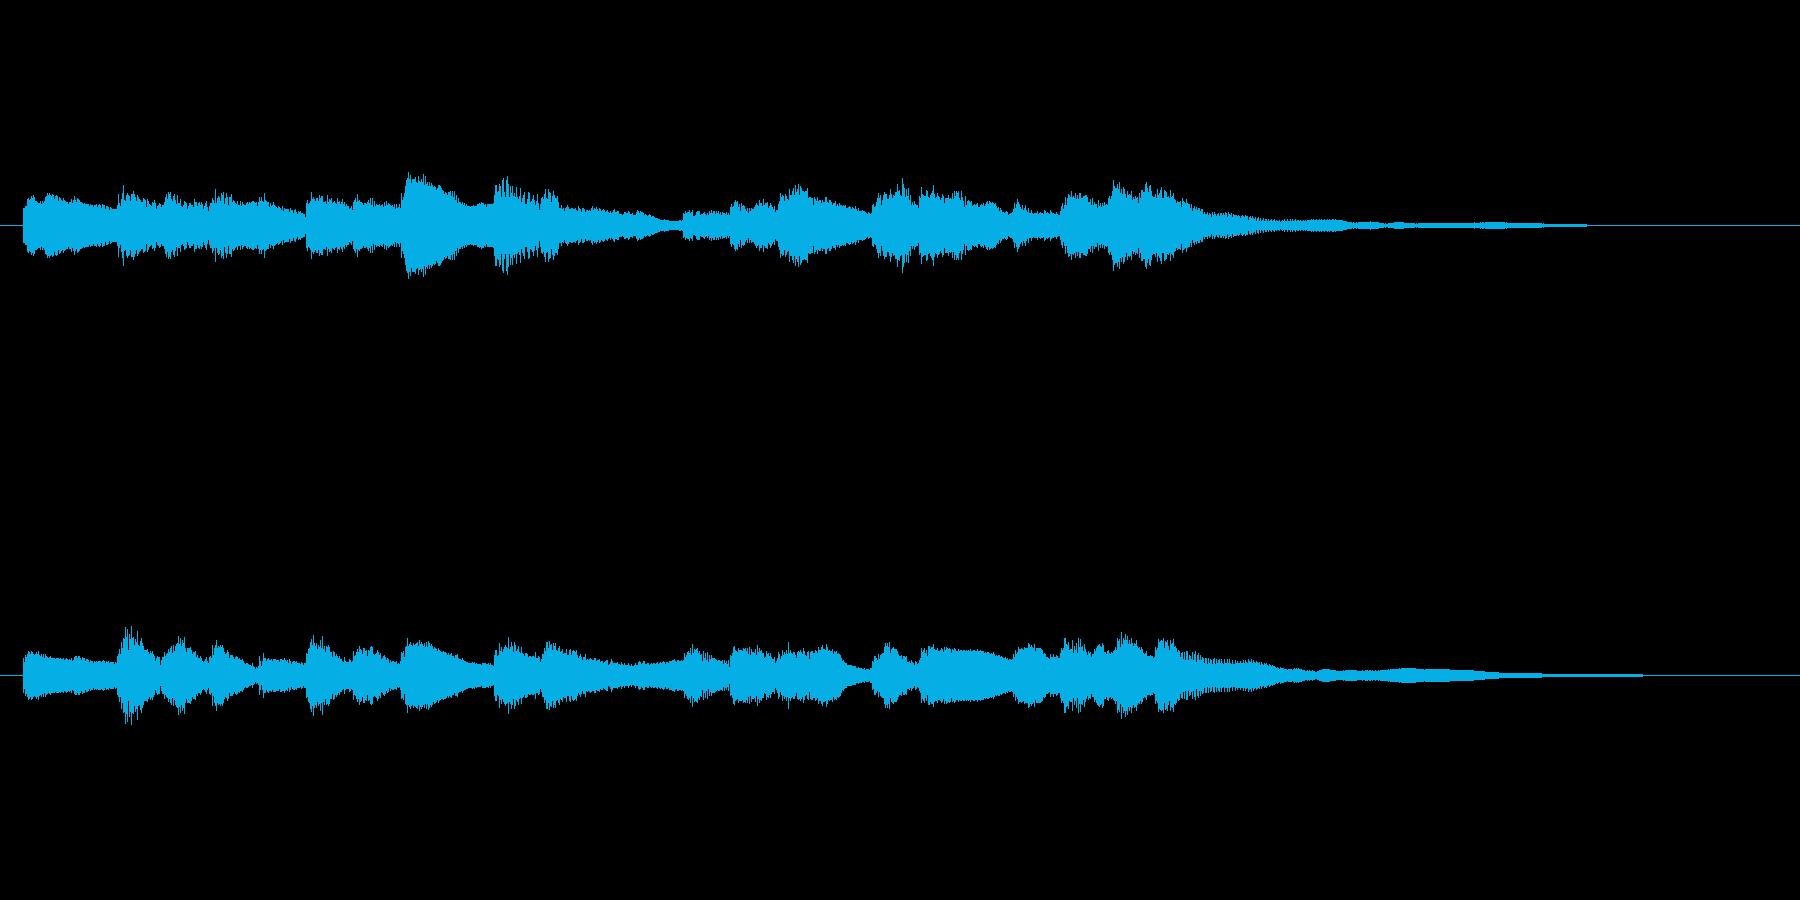 鉄道の到着メロディ(オルゴール音)の再生済みの波形